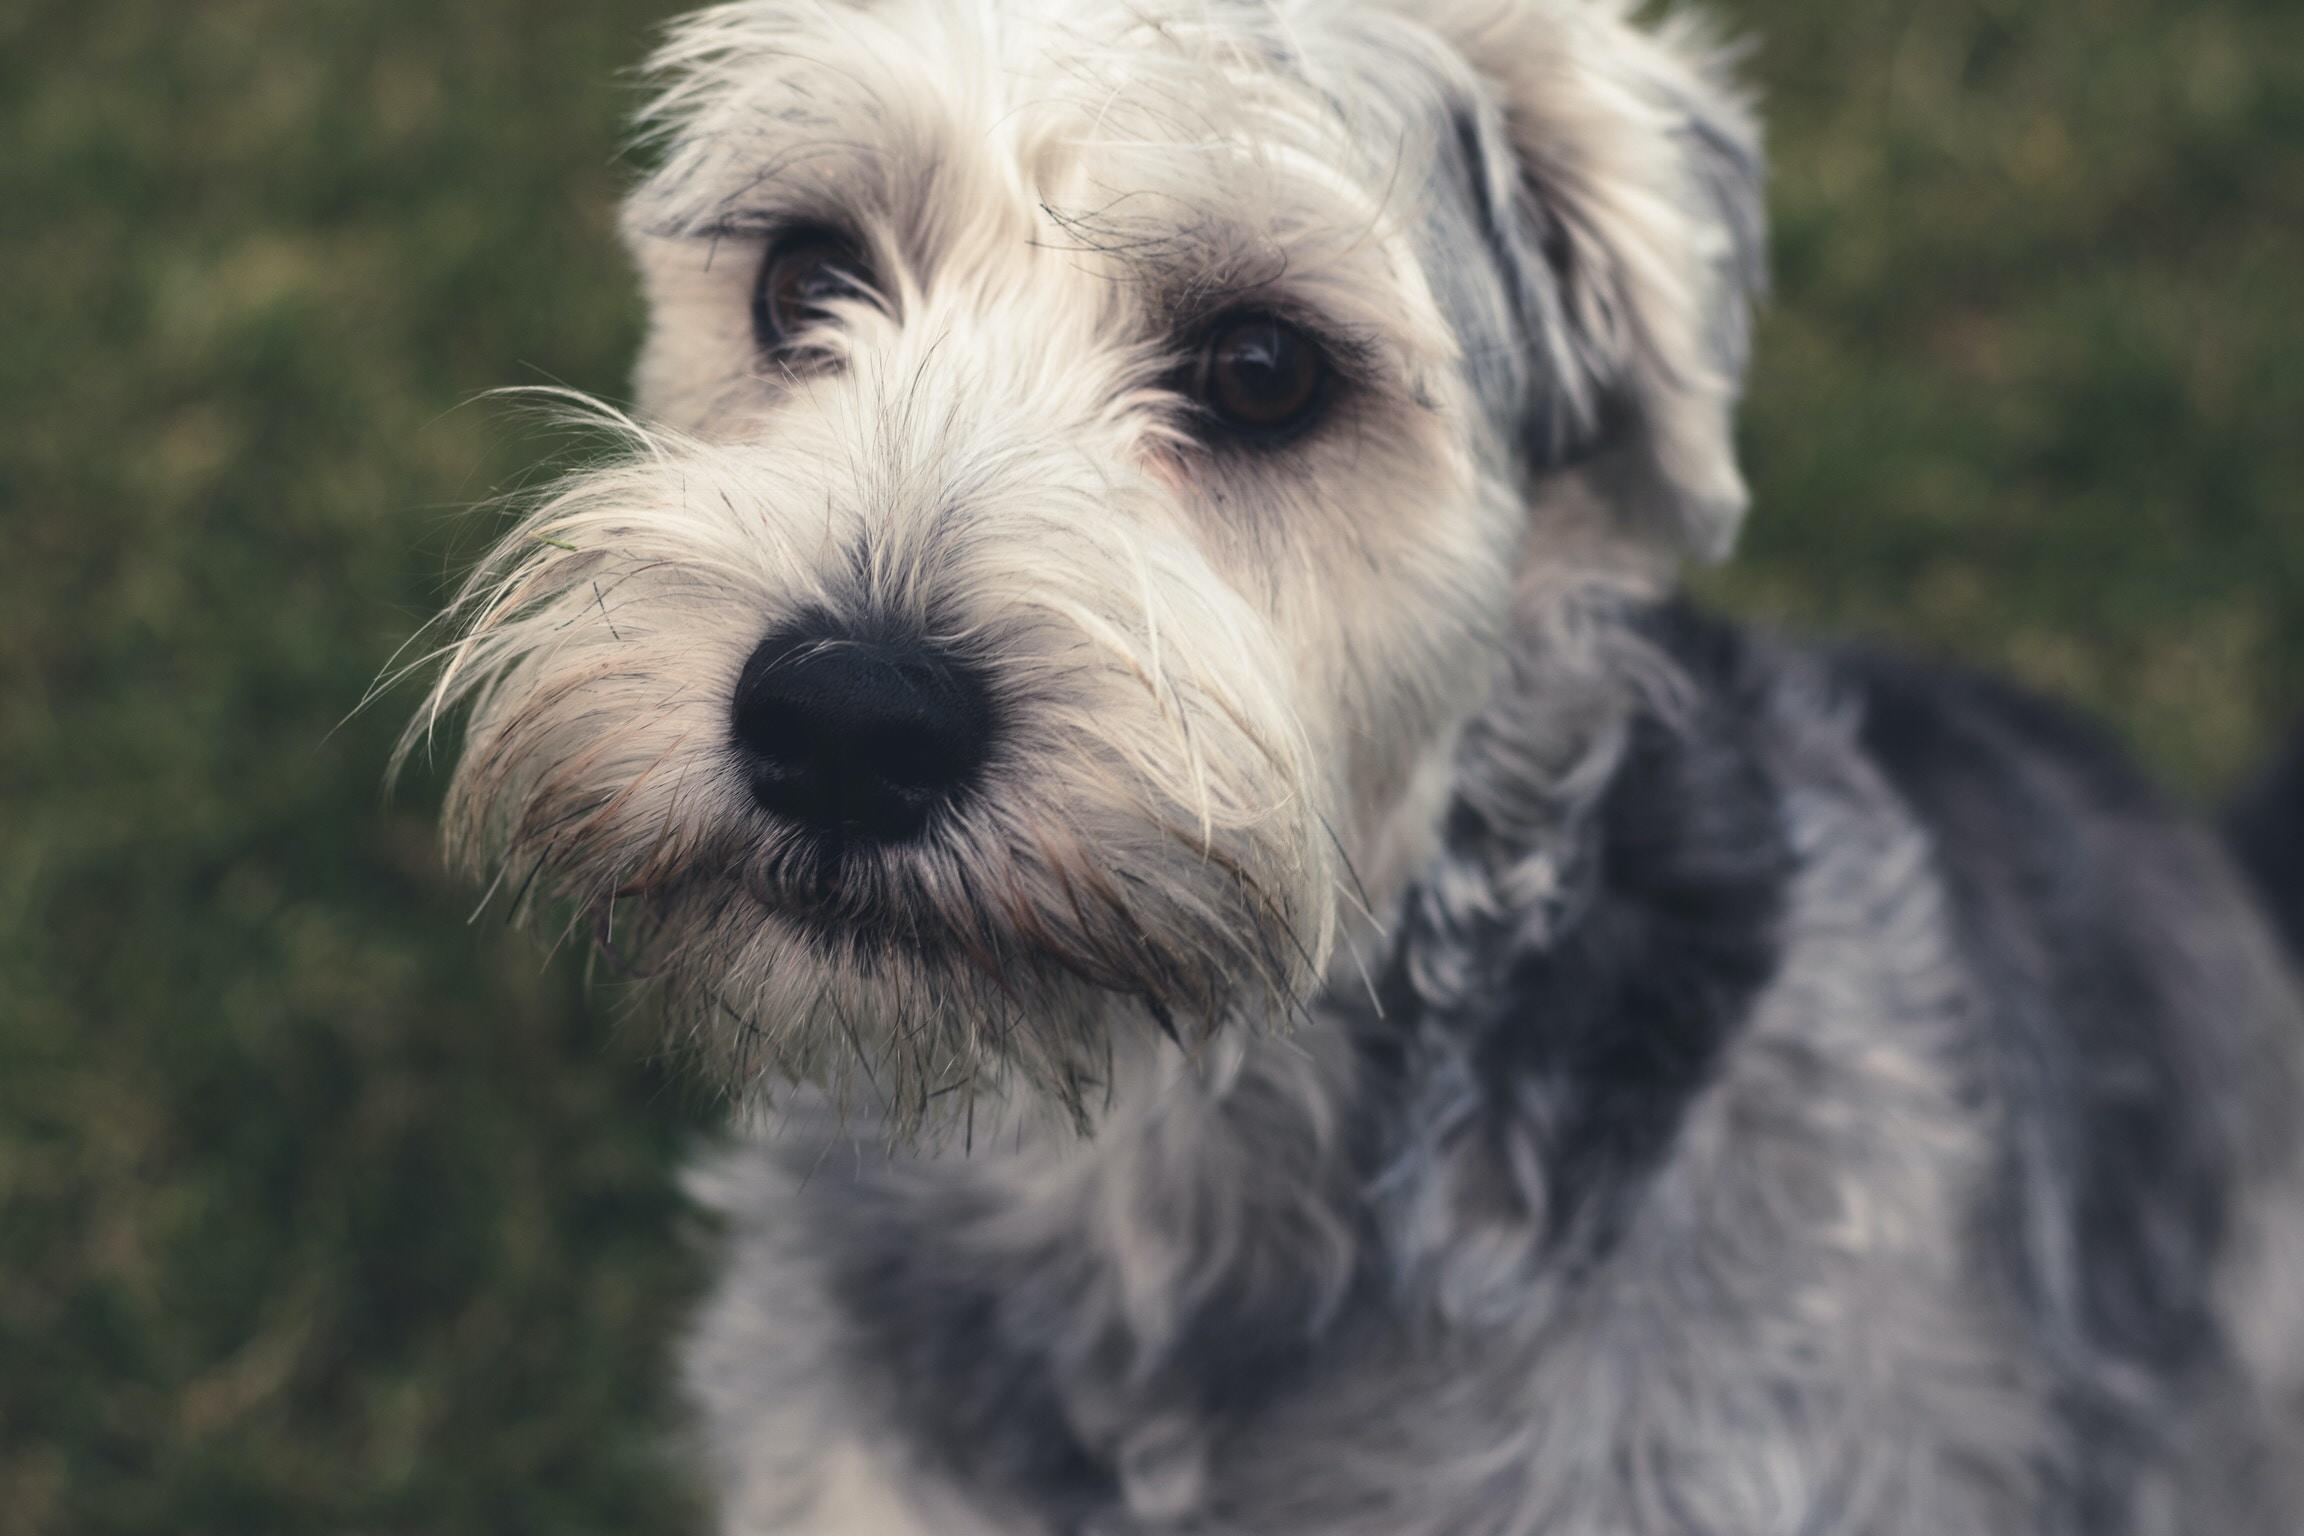 white and black coated dog